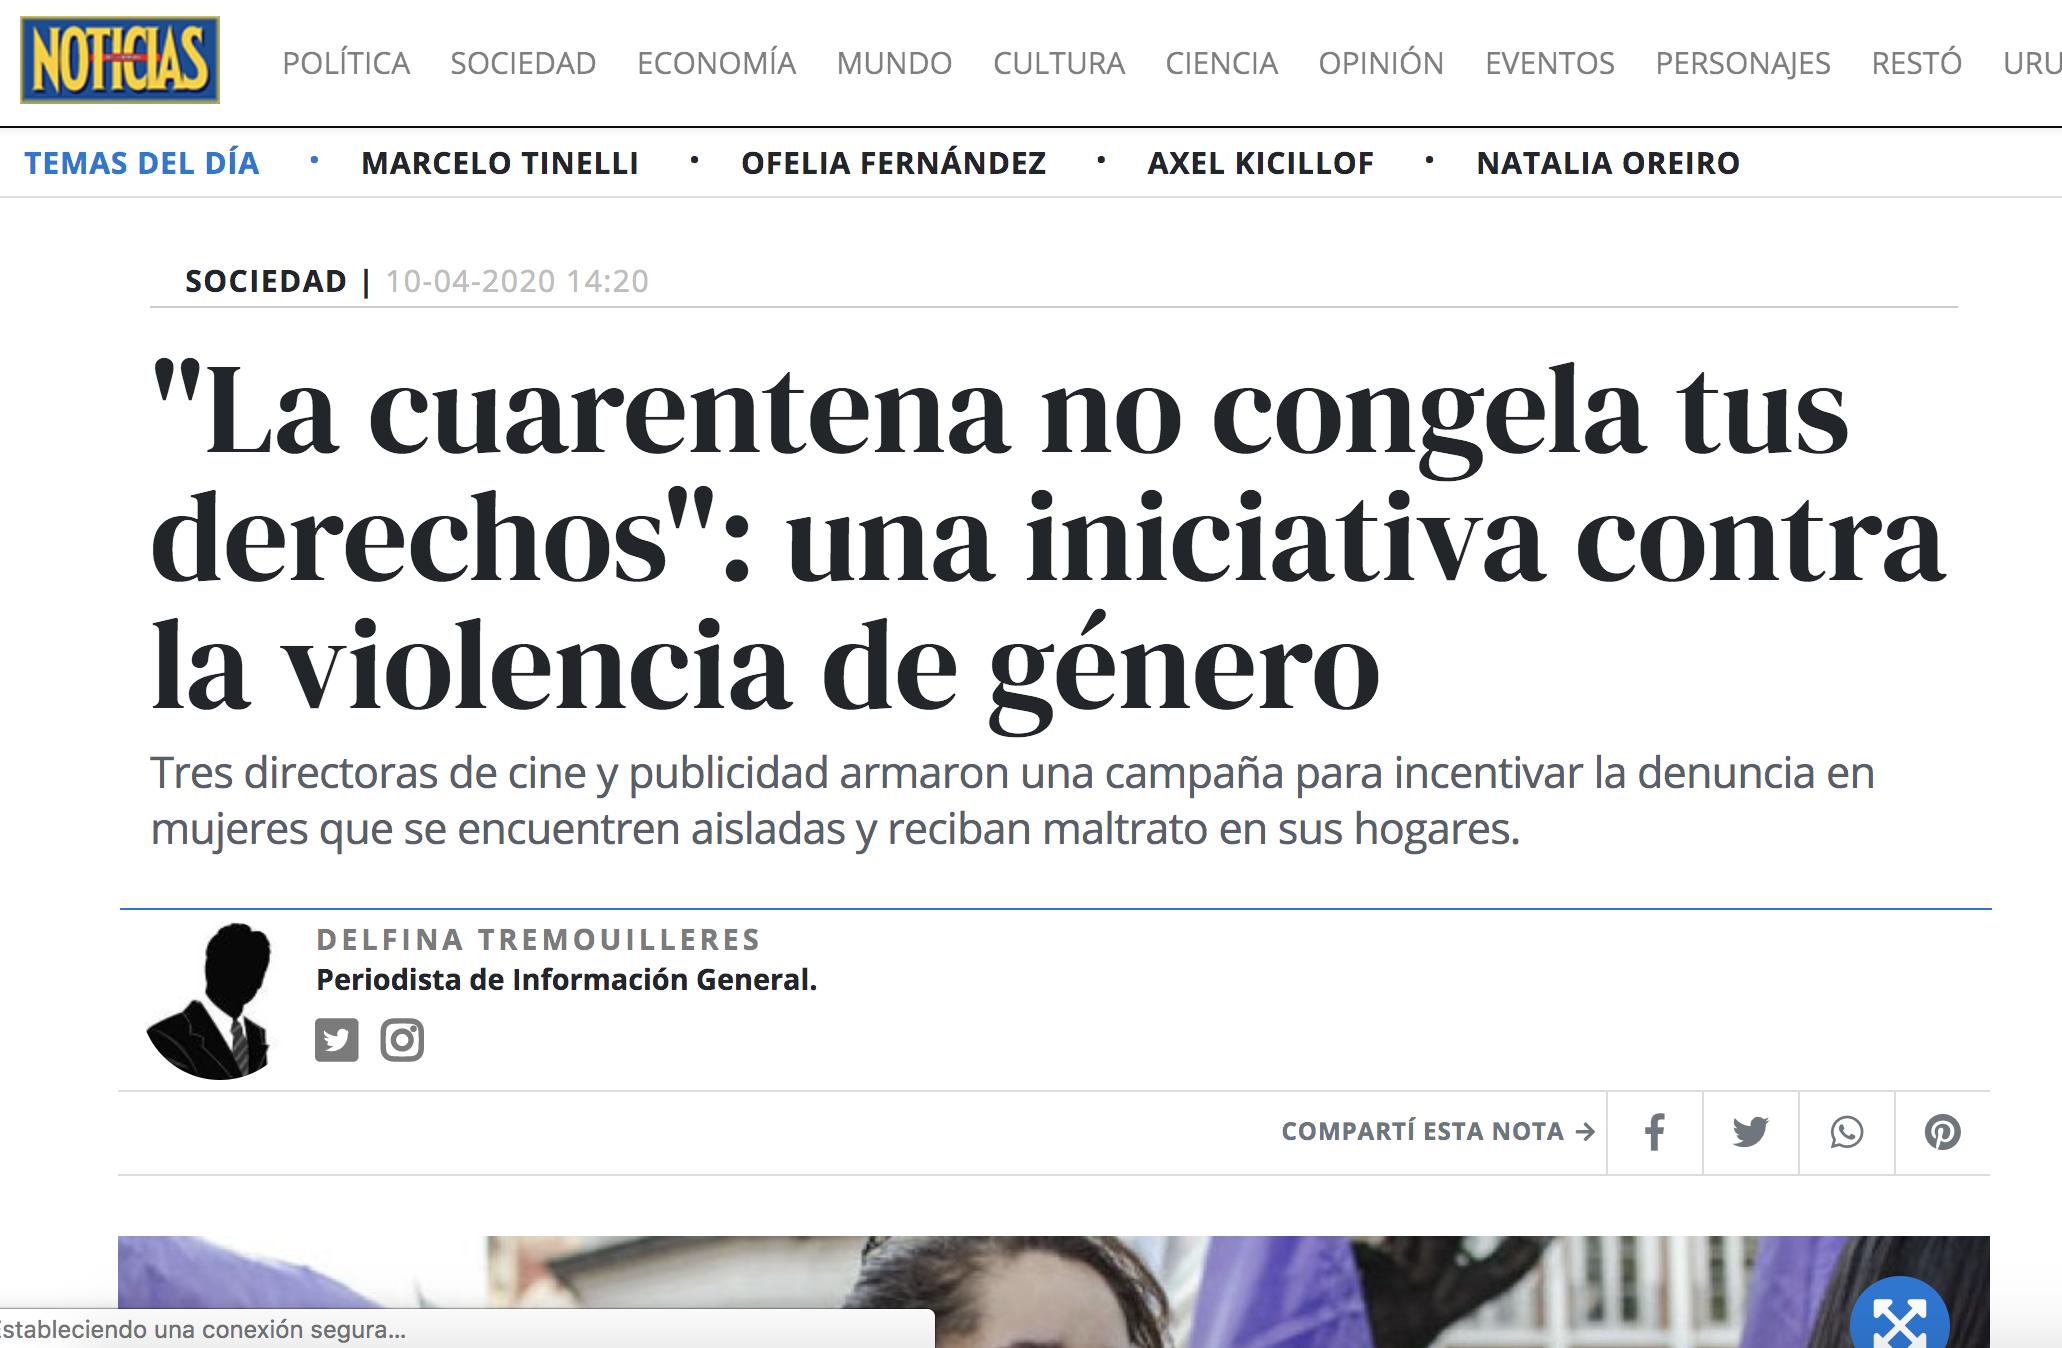 Noticias - #AislamientoNoEsSilencio